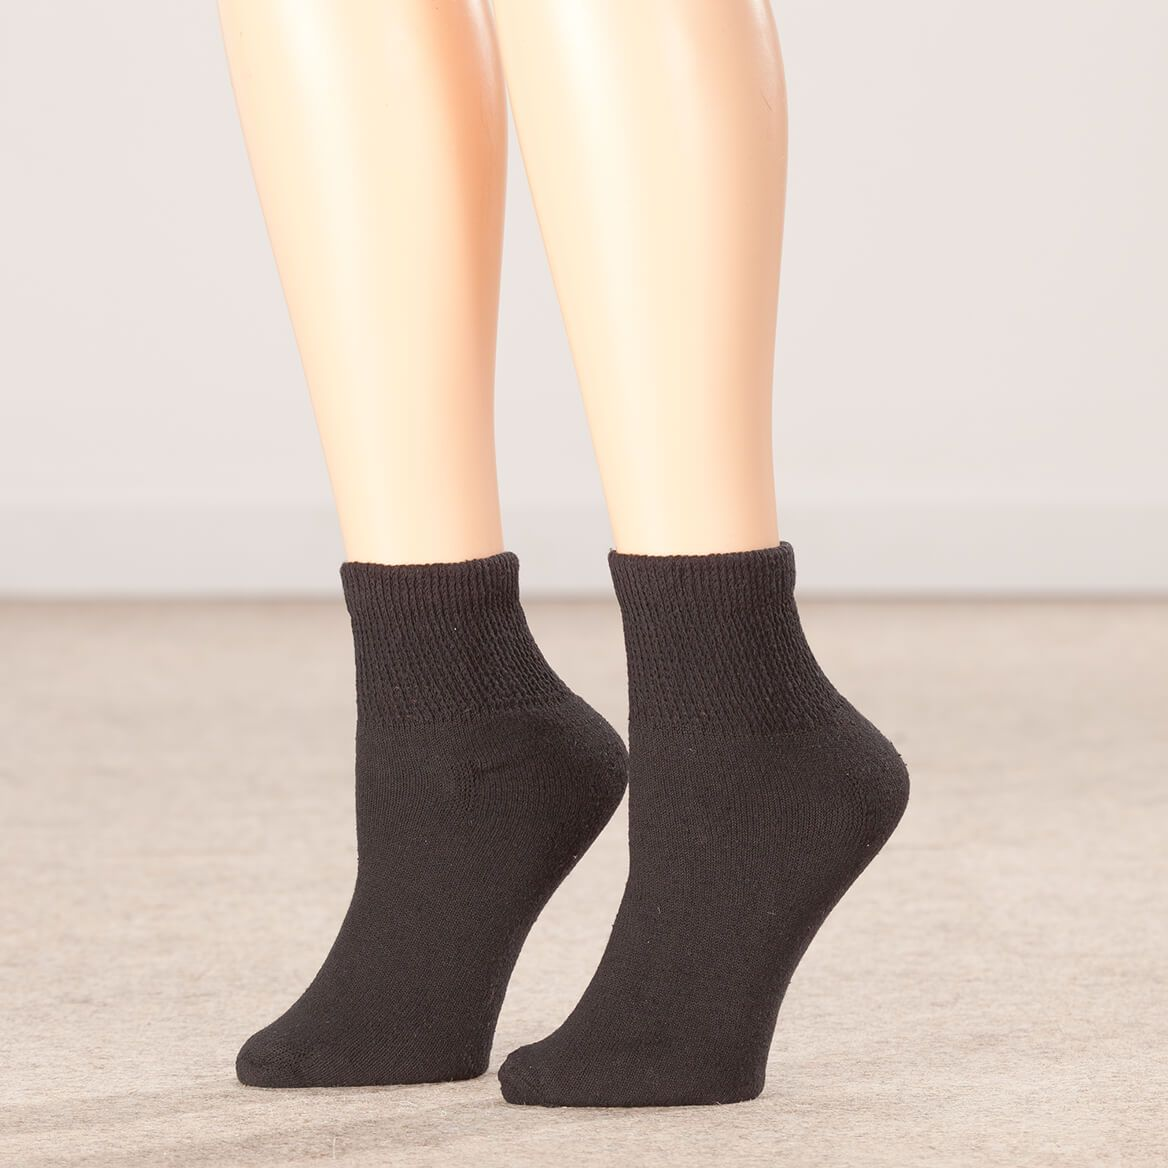 Silver Steps™ Quarter-Cut Diabetic Socks, 3 Pack-355183